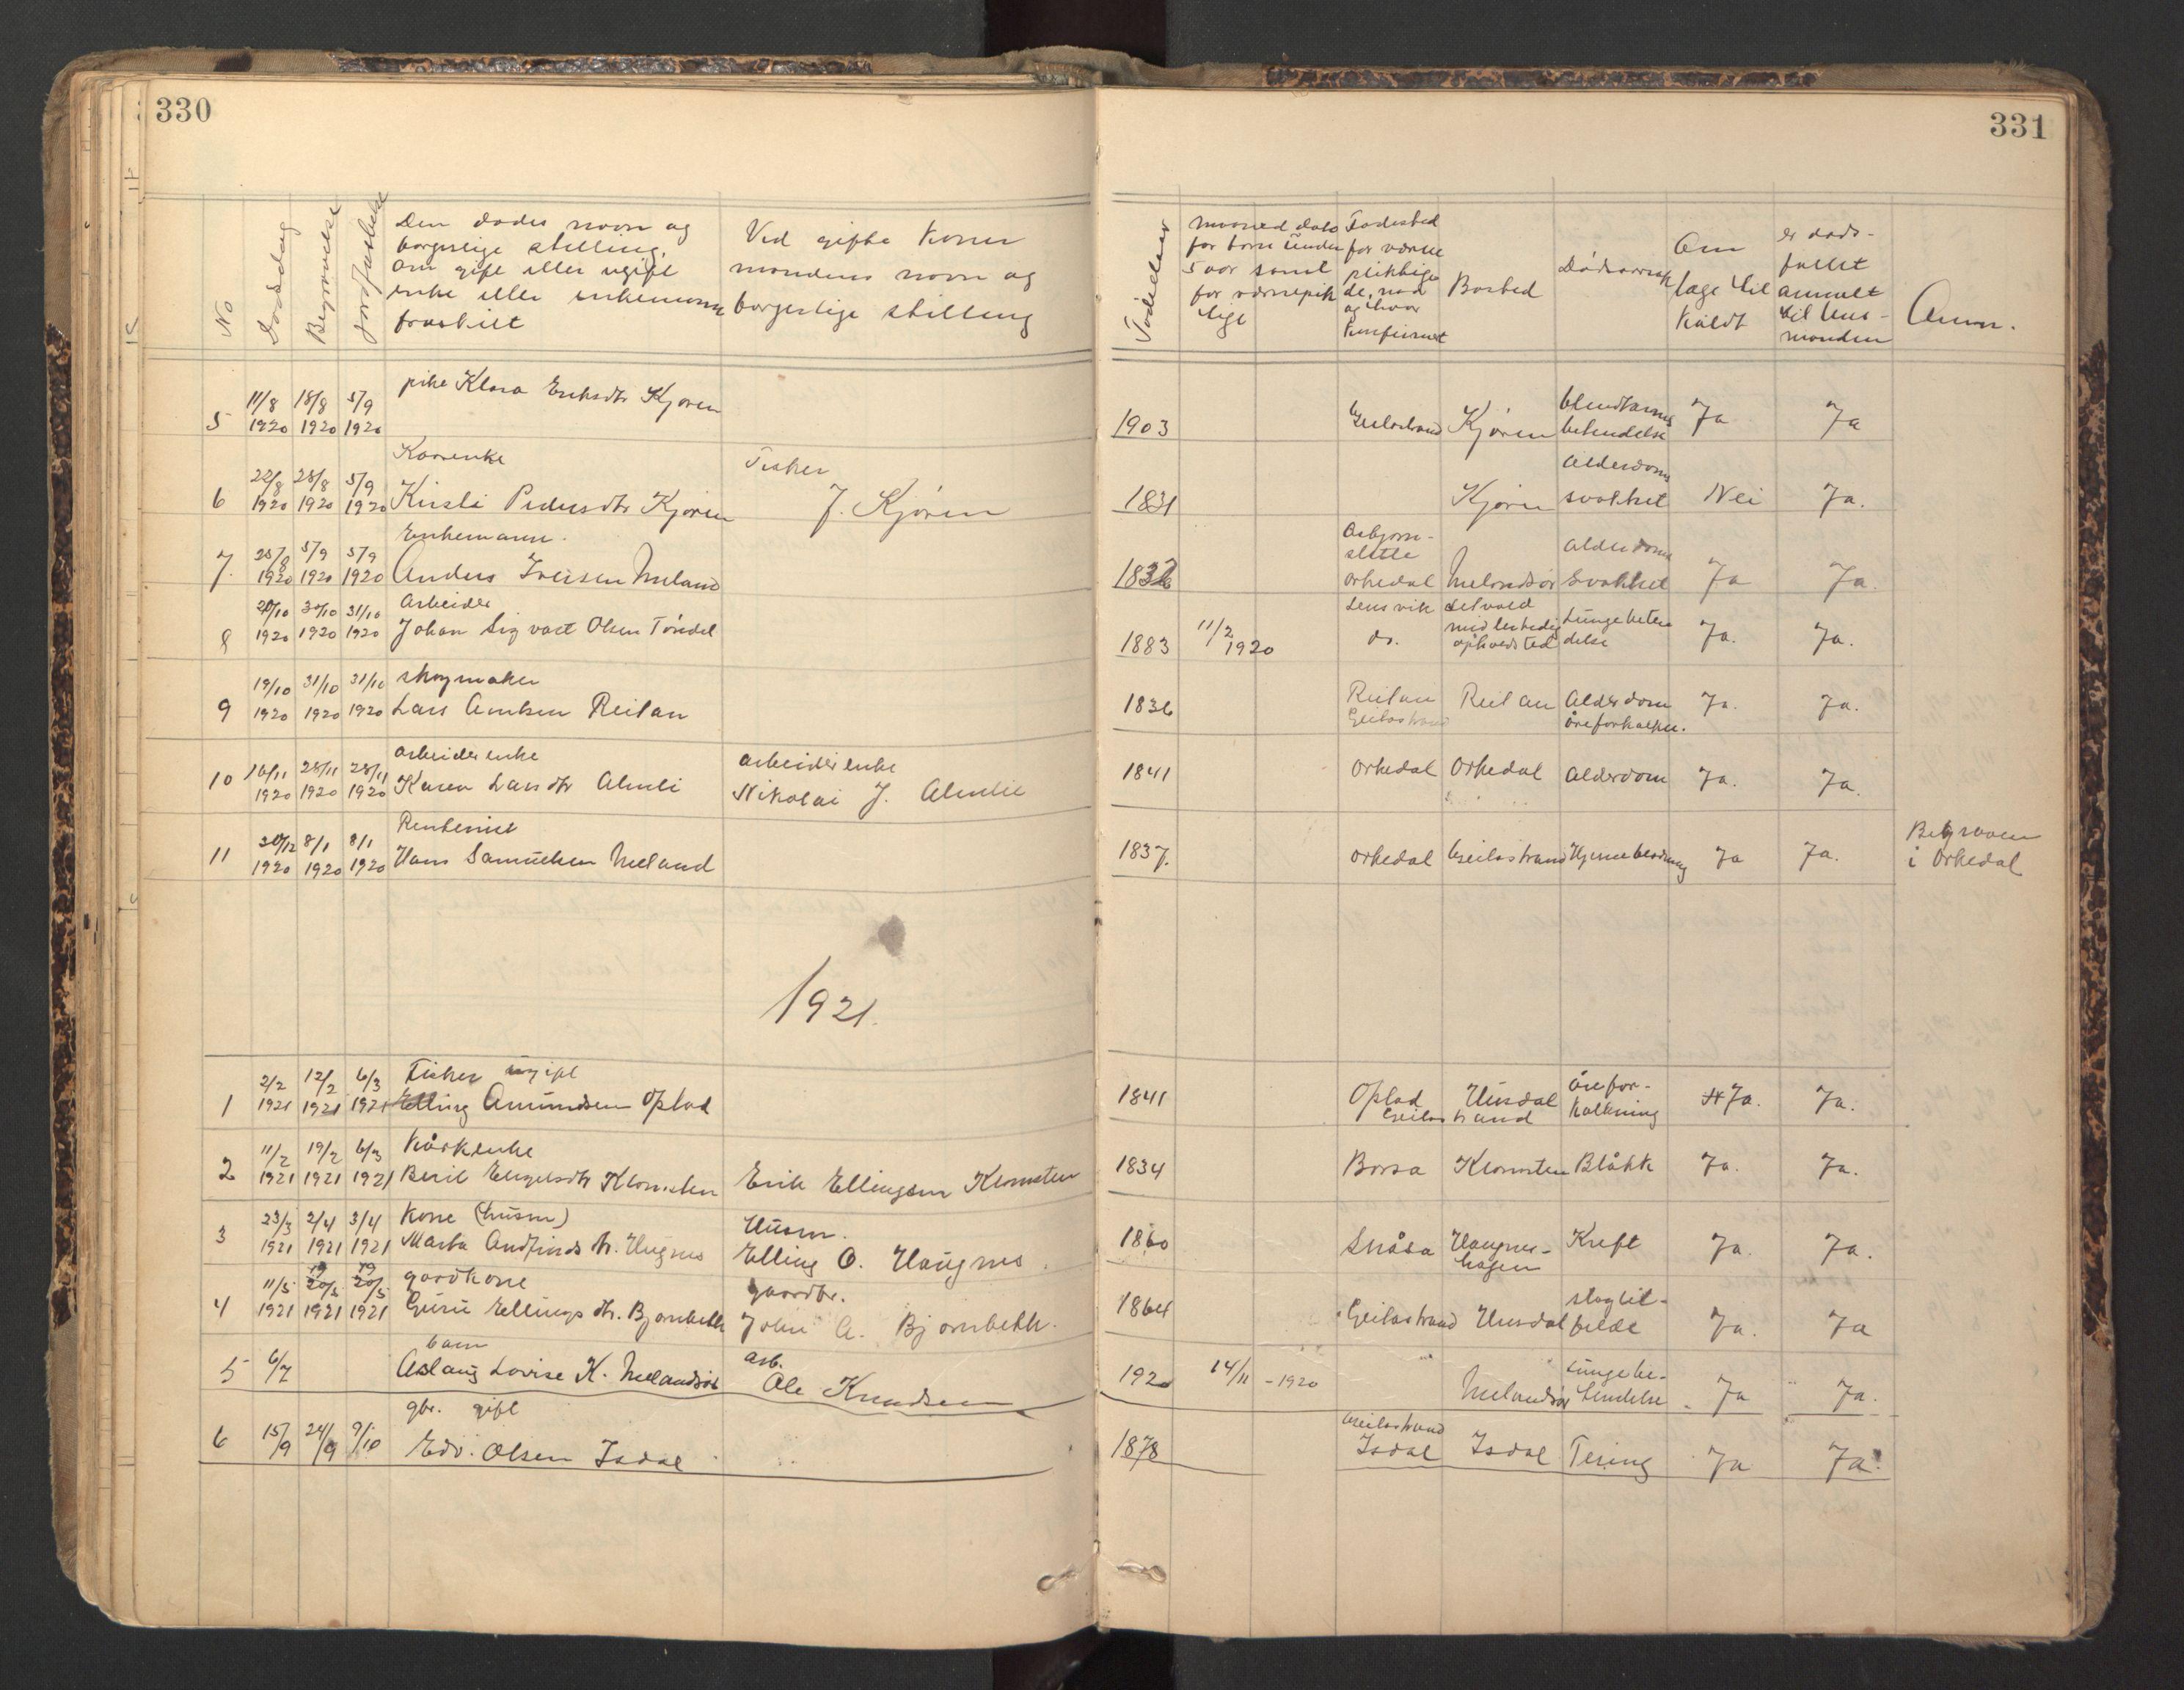 SAT, Ministerialprotokoller, klokkerbøker og fødselsregistre - Sør-Trøndelag, 670/L0837: Klokkerbok nr. 670C01, 1905-1946, s. 330-331